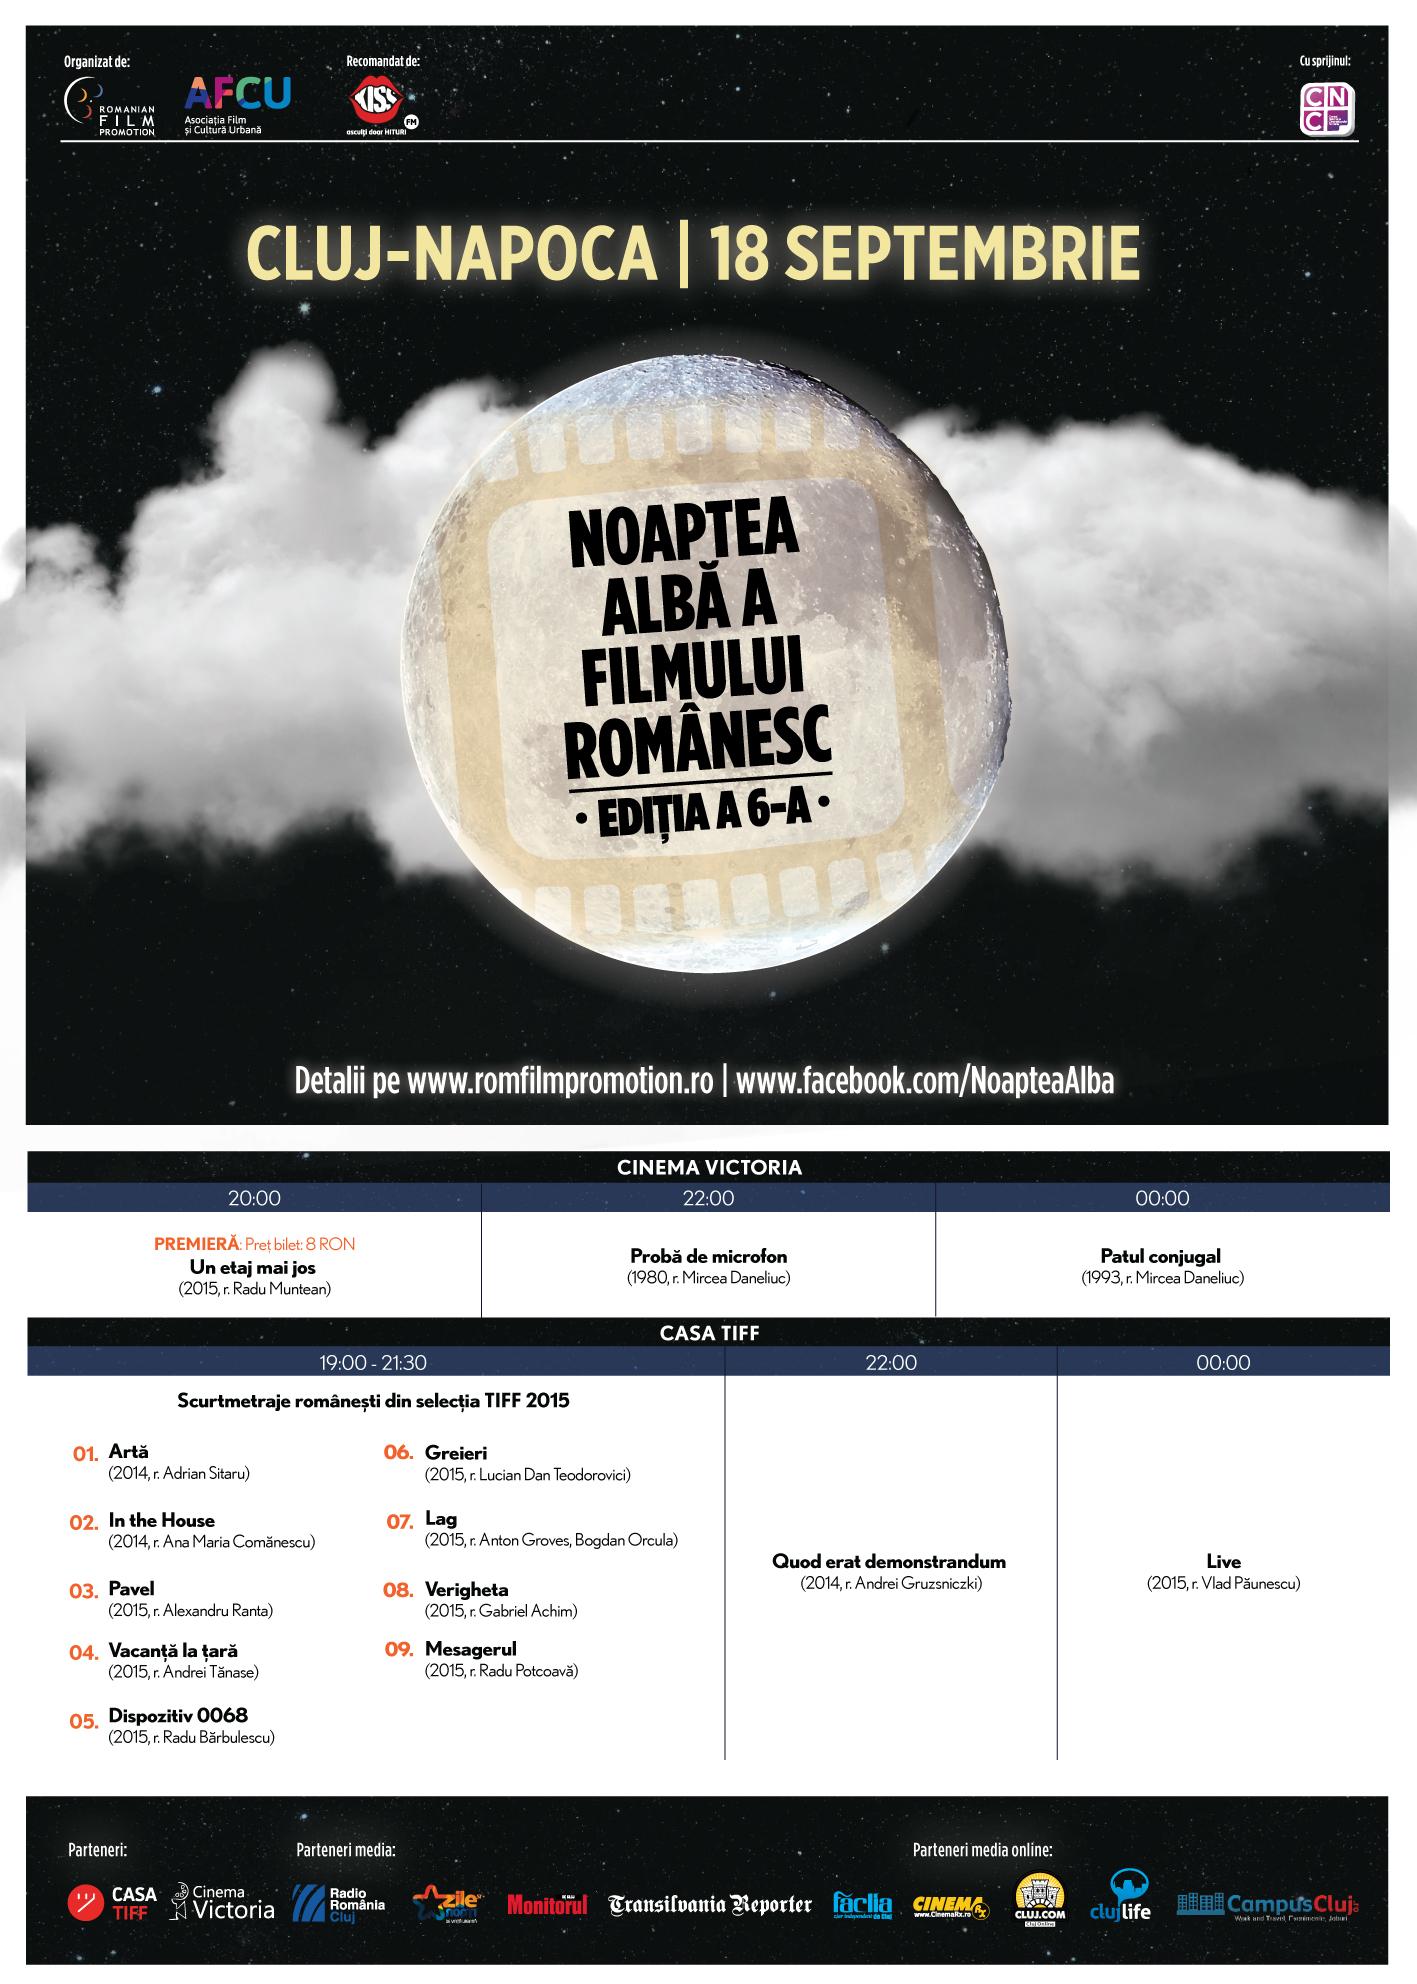 Farmecul filmelor românești la Noaptea Albă 18 septembrie, Cluj-Napoca